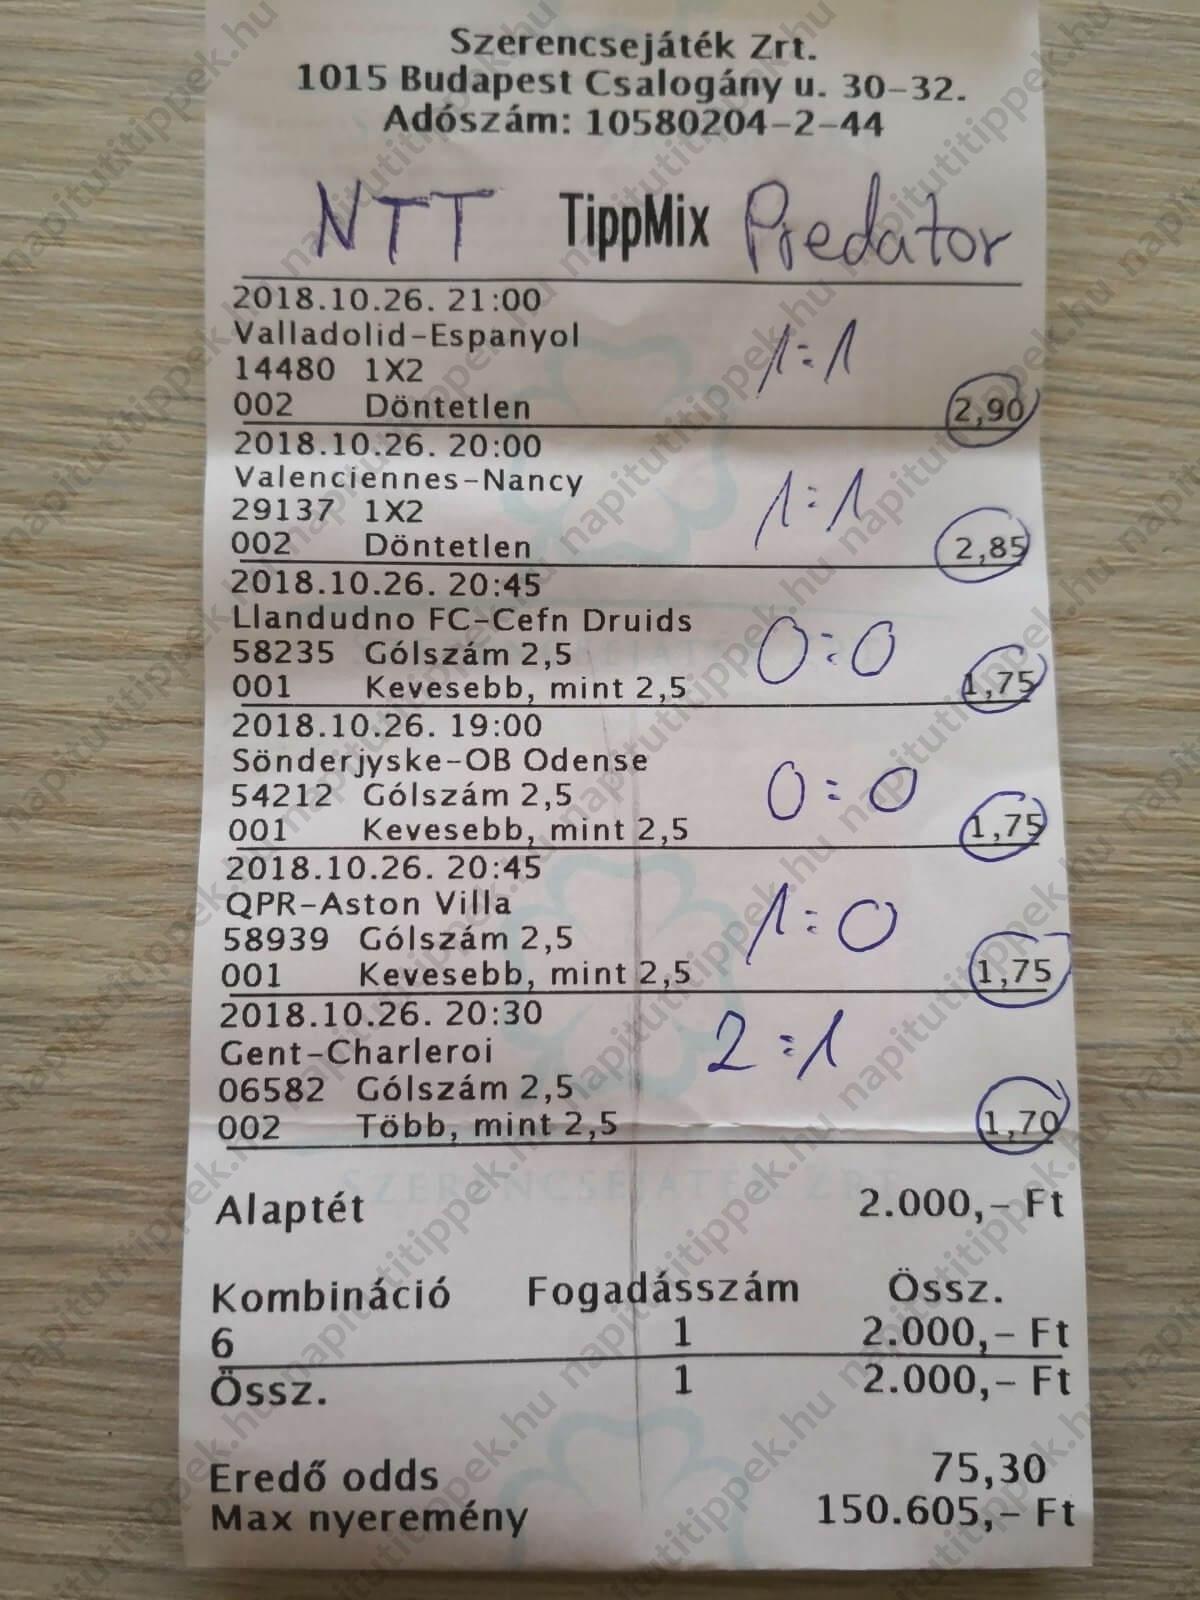 Legyél te is Tippmix ragadozó: Tippmix tippek, mérkőzés elemzések, statisztikai adatok. Napi ingyenes tippek. Csatlakozz Magyarország legsikeresebb sportfogadó csapatához!